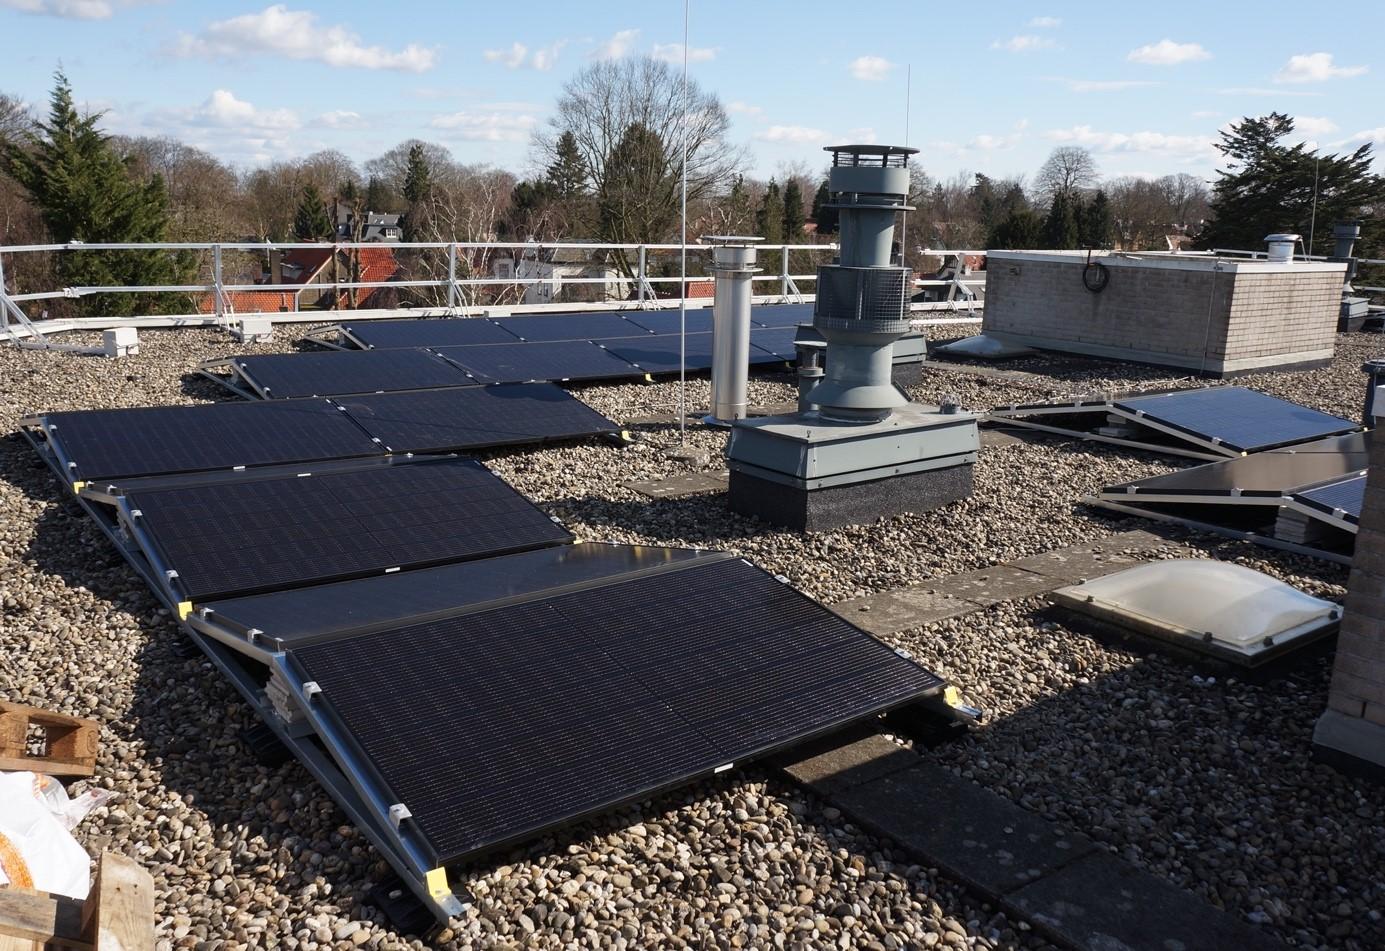 Verduurzaming VvE's: HET helpt bij zon op dak (en meer)